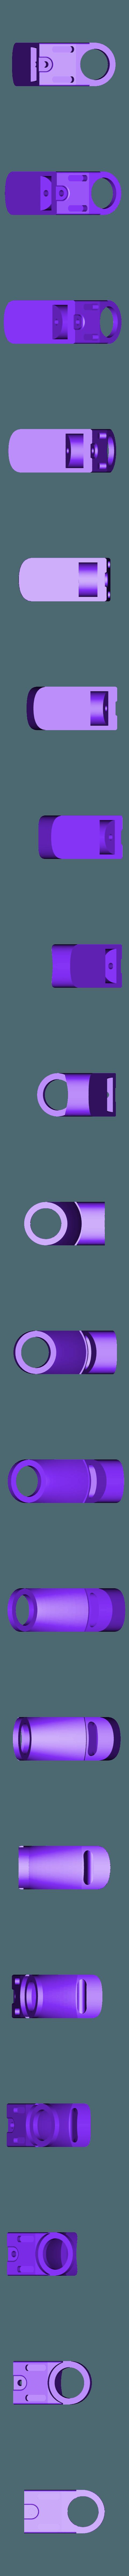 VSupport_Holder_no577.stl Download free STL file Vertical support for dremel • Object to 3D print, Jicede71